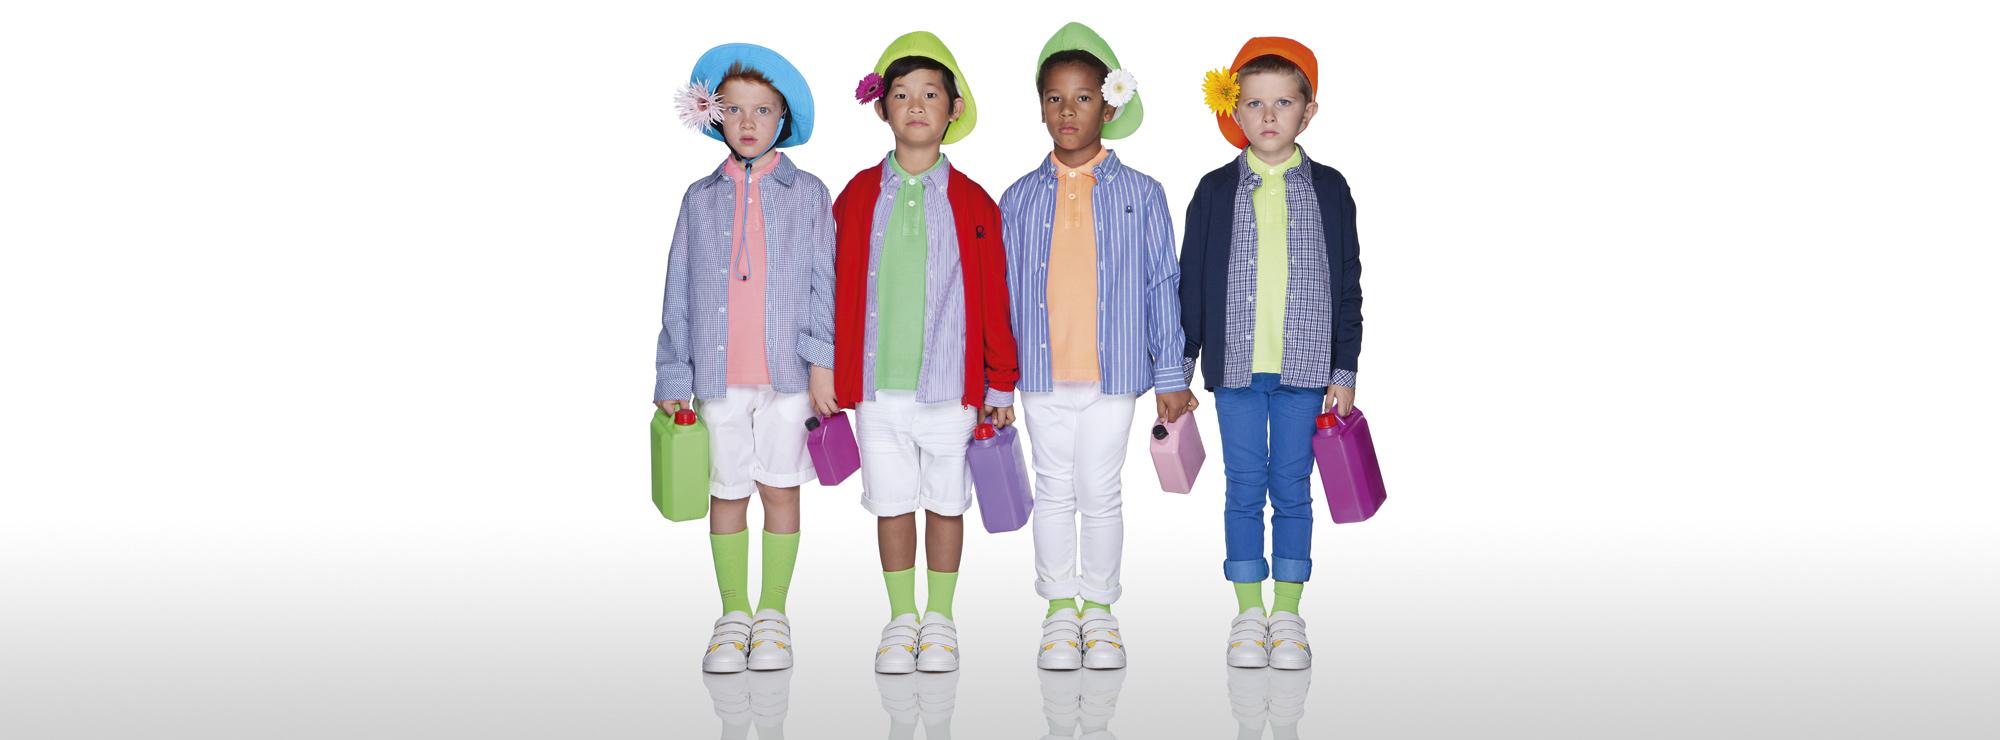 Boys' Iconic Polos Benetton